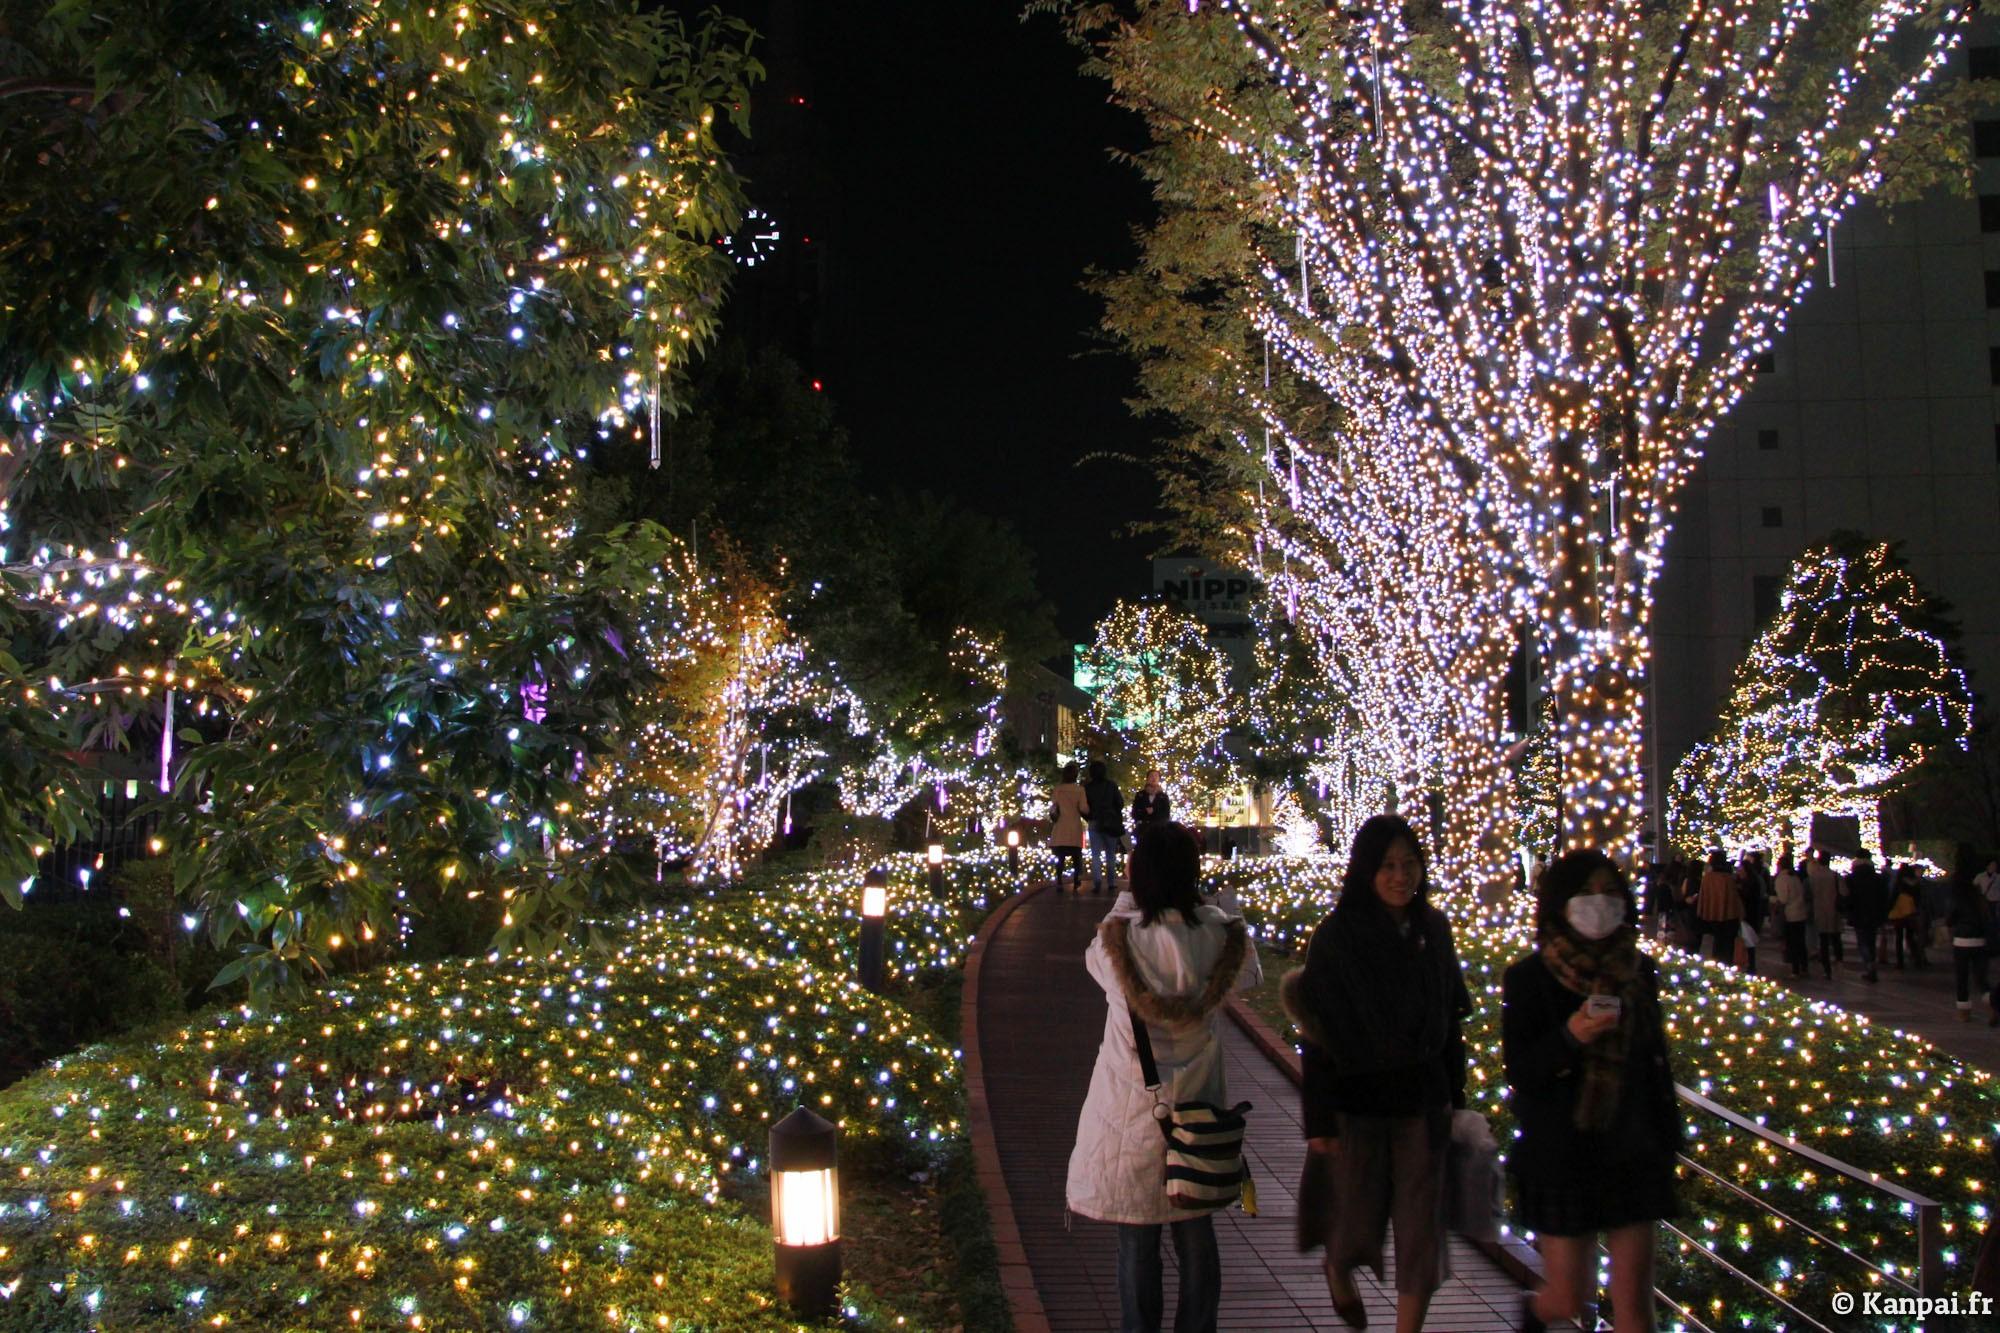 #756538 Tokyo à Noël 5327 decorations de noel au japon 2000x1333 px @ aertt.com